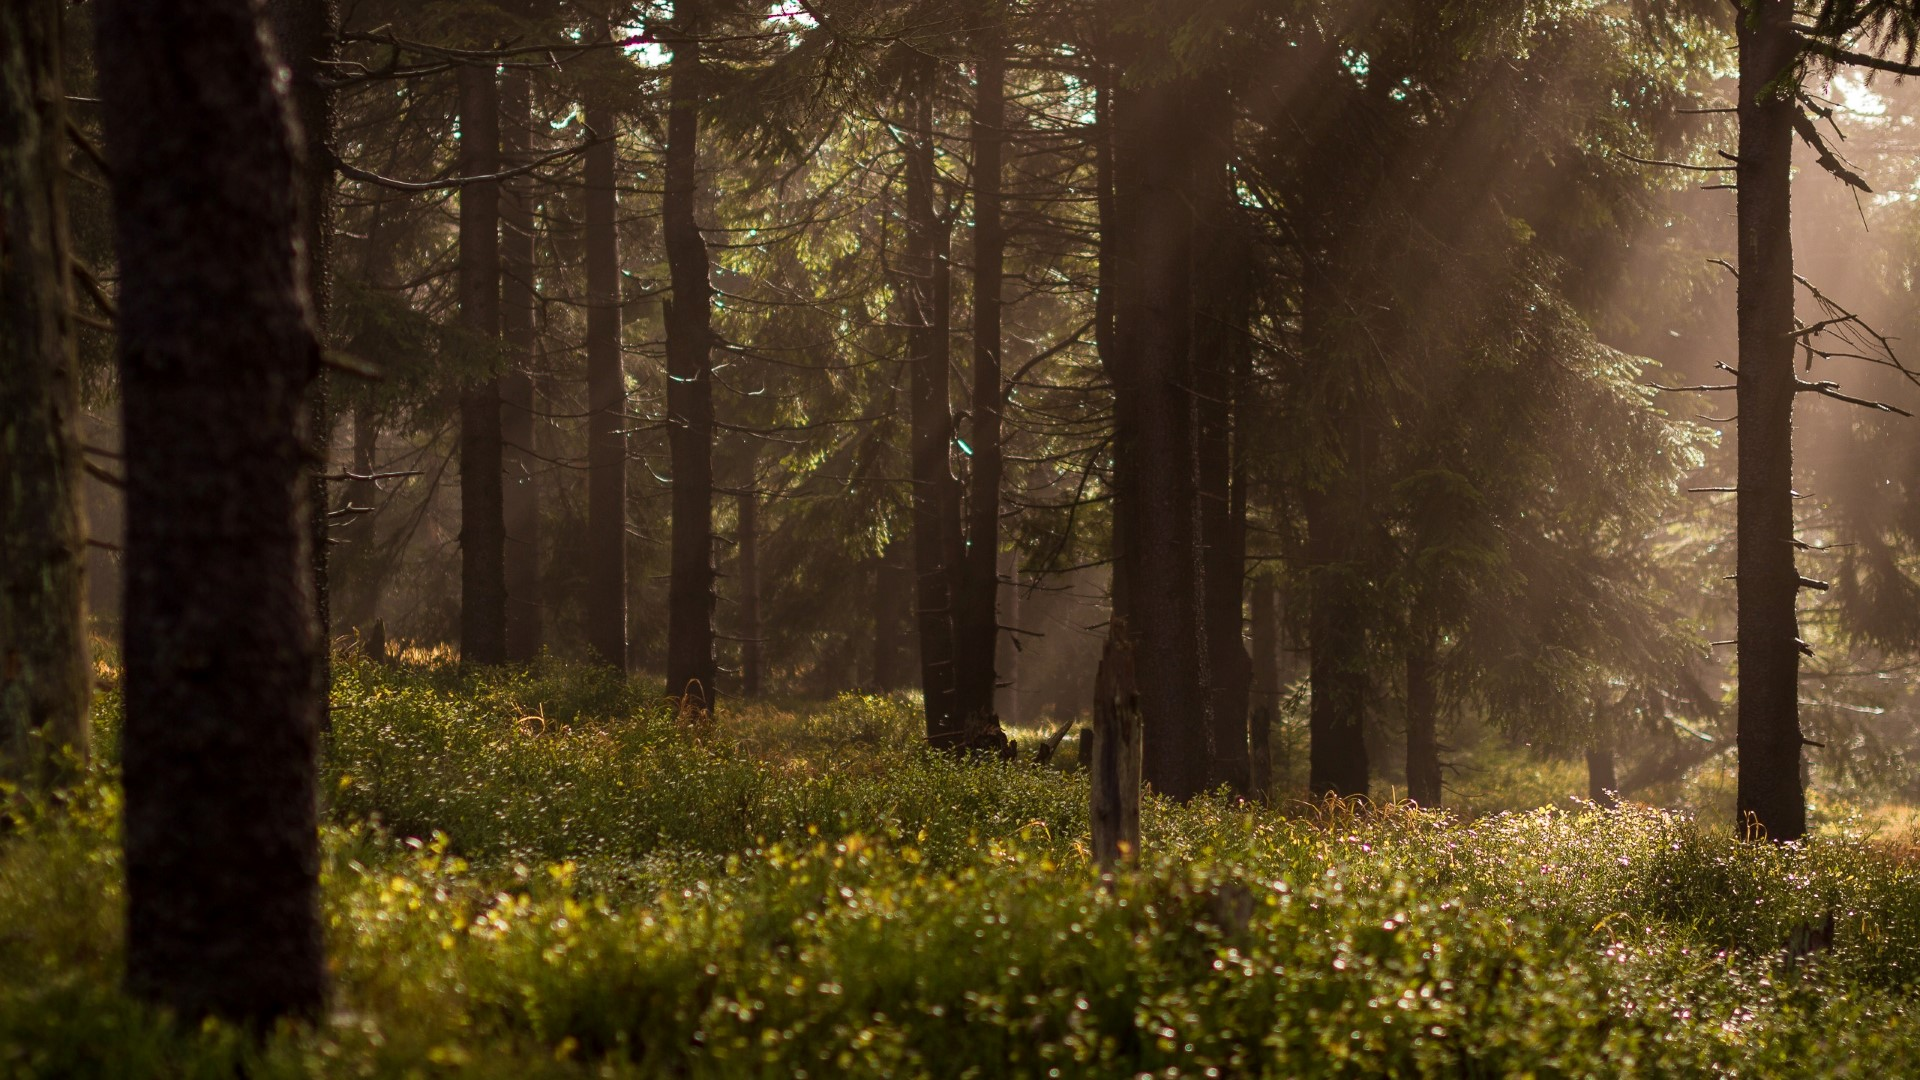 natuurbegraafplaats-weverslo-bomen